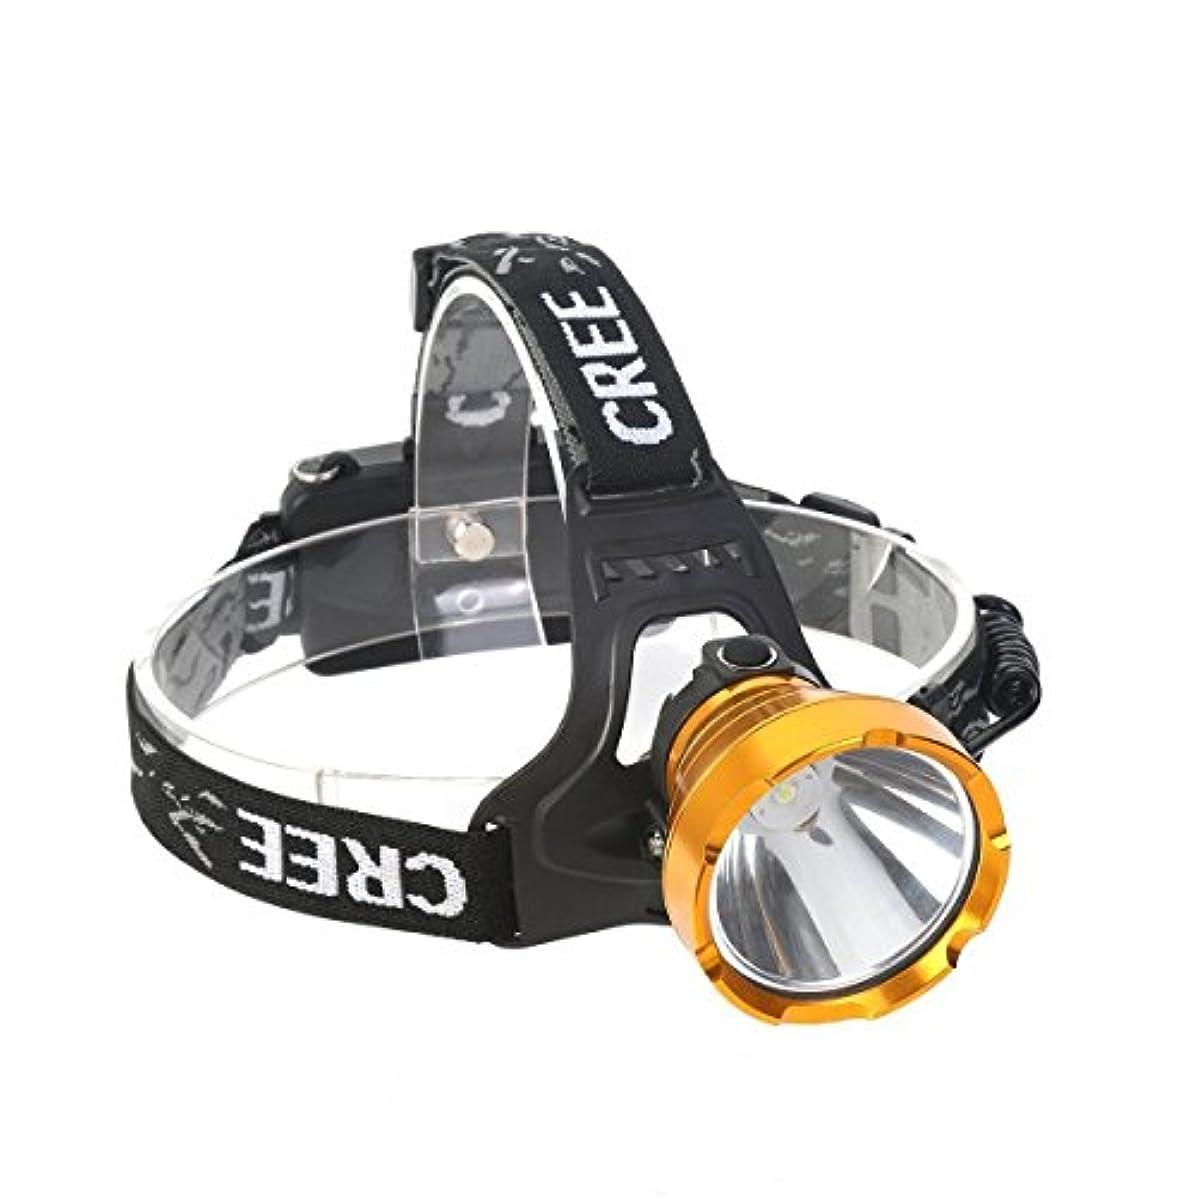 直立所有権ぎこちない充電式LEDヘッドトーチ、強力なルーメンヘッドランプズーム可能、IPX5防水、アウトドア&屋内キャンプに最適なヘッドライト、セキュリティ、緊急時用夜間Readin